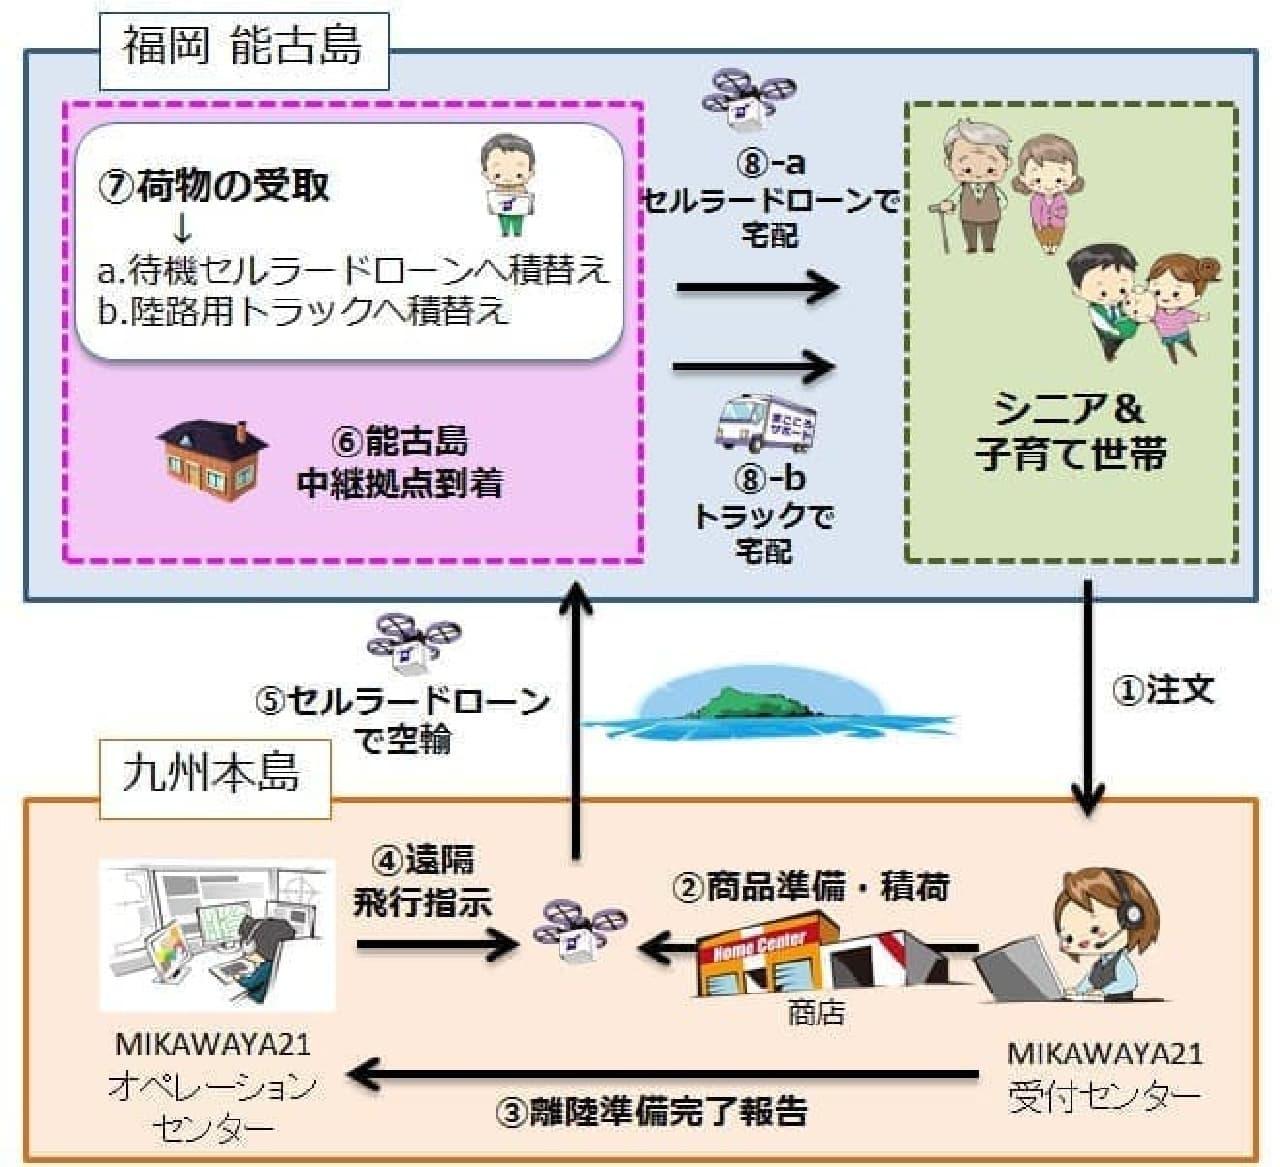 セルラードローン実験の概念図